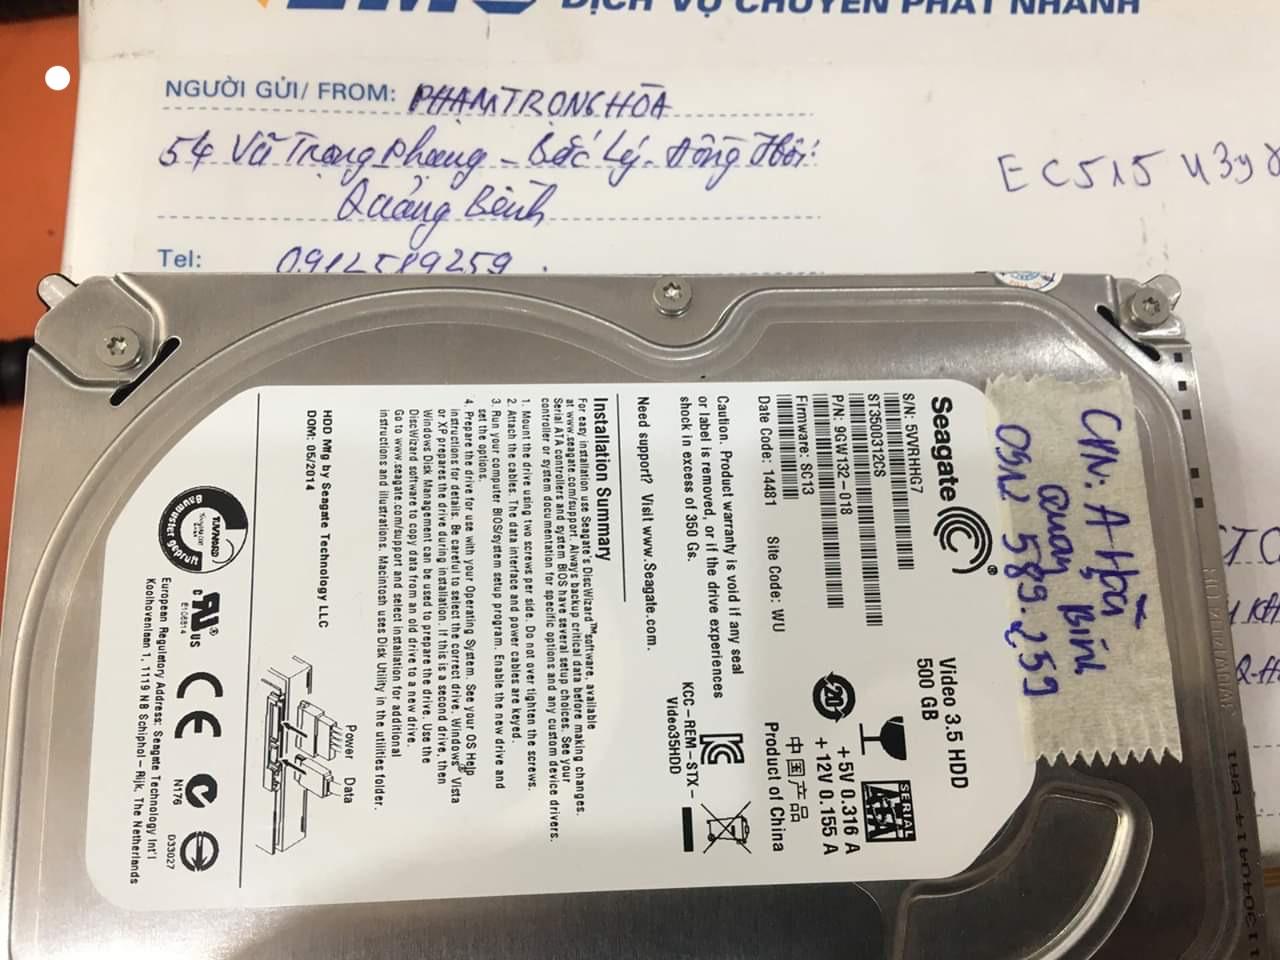 Khôi phục dữ liệu ổ cứng Seagate 500GB bó cơ tại Quảng Bình 06/06/2020 - cuumaytinh